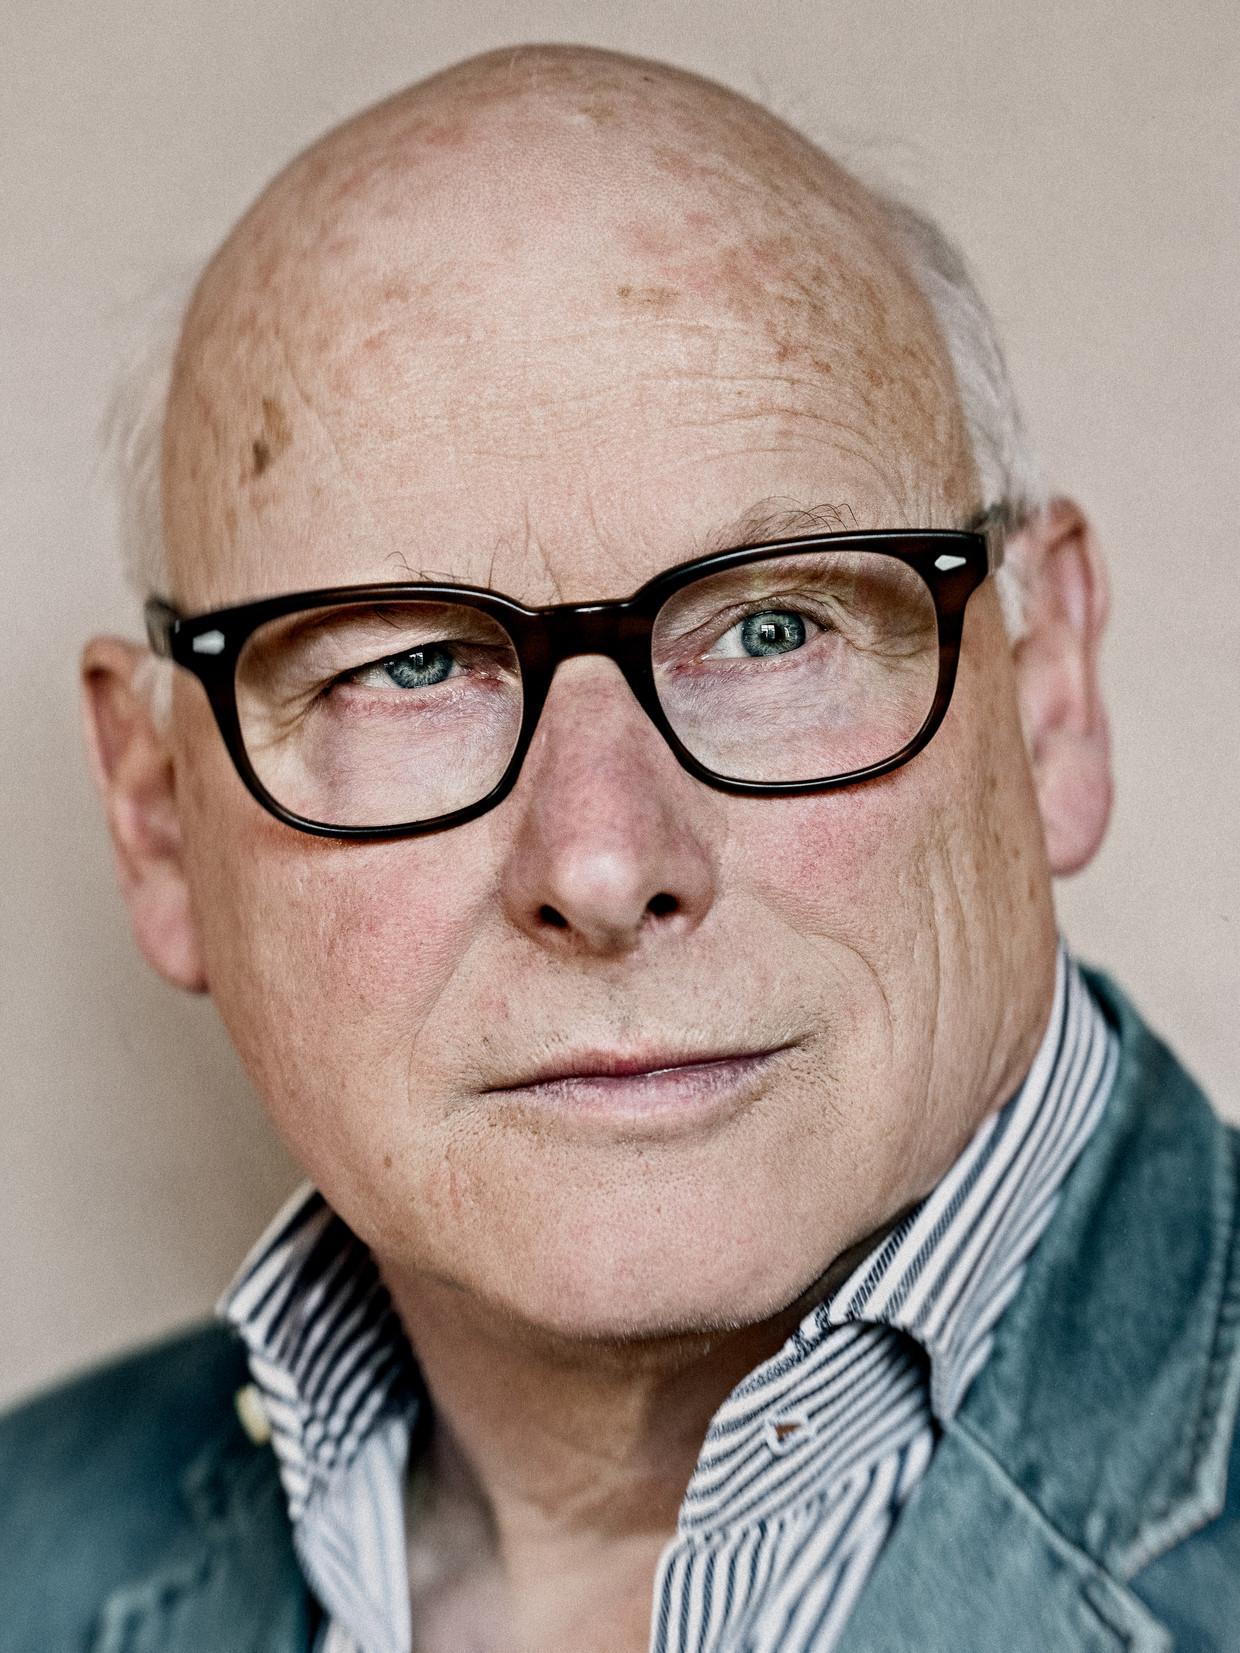 Oek de Jong: 'Iedereen maakt zijn eigen verhaal, zijn eigen biografie, hoe beperkt ook.' Beeld Jitske Schols